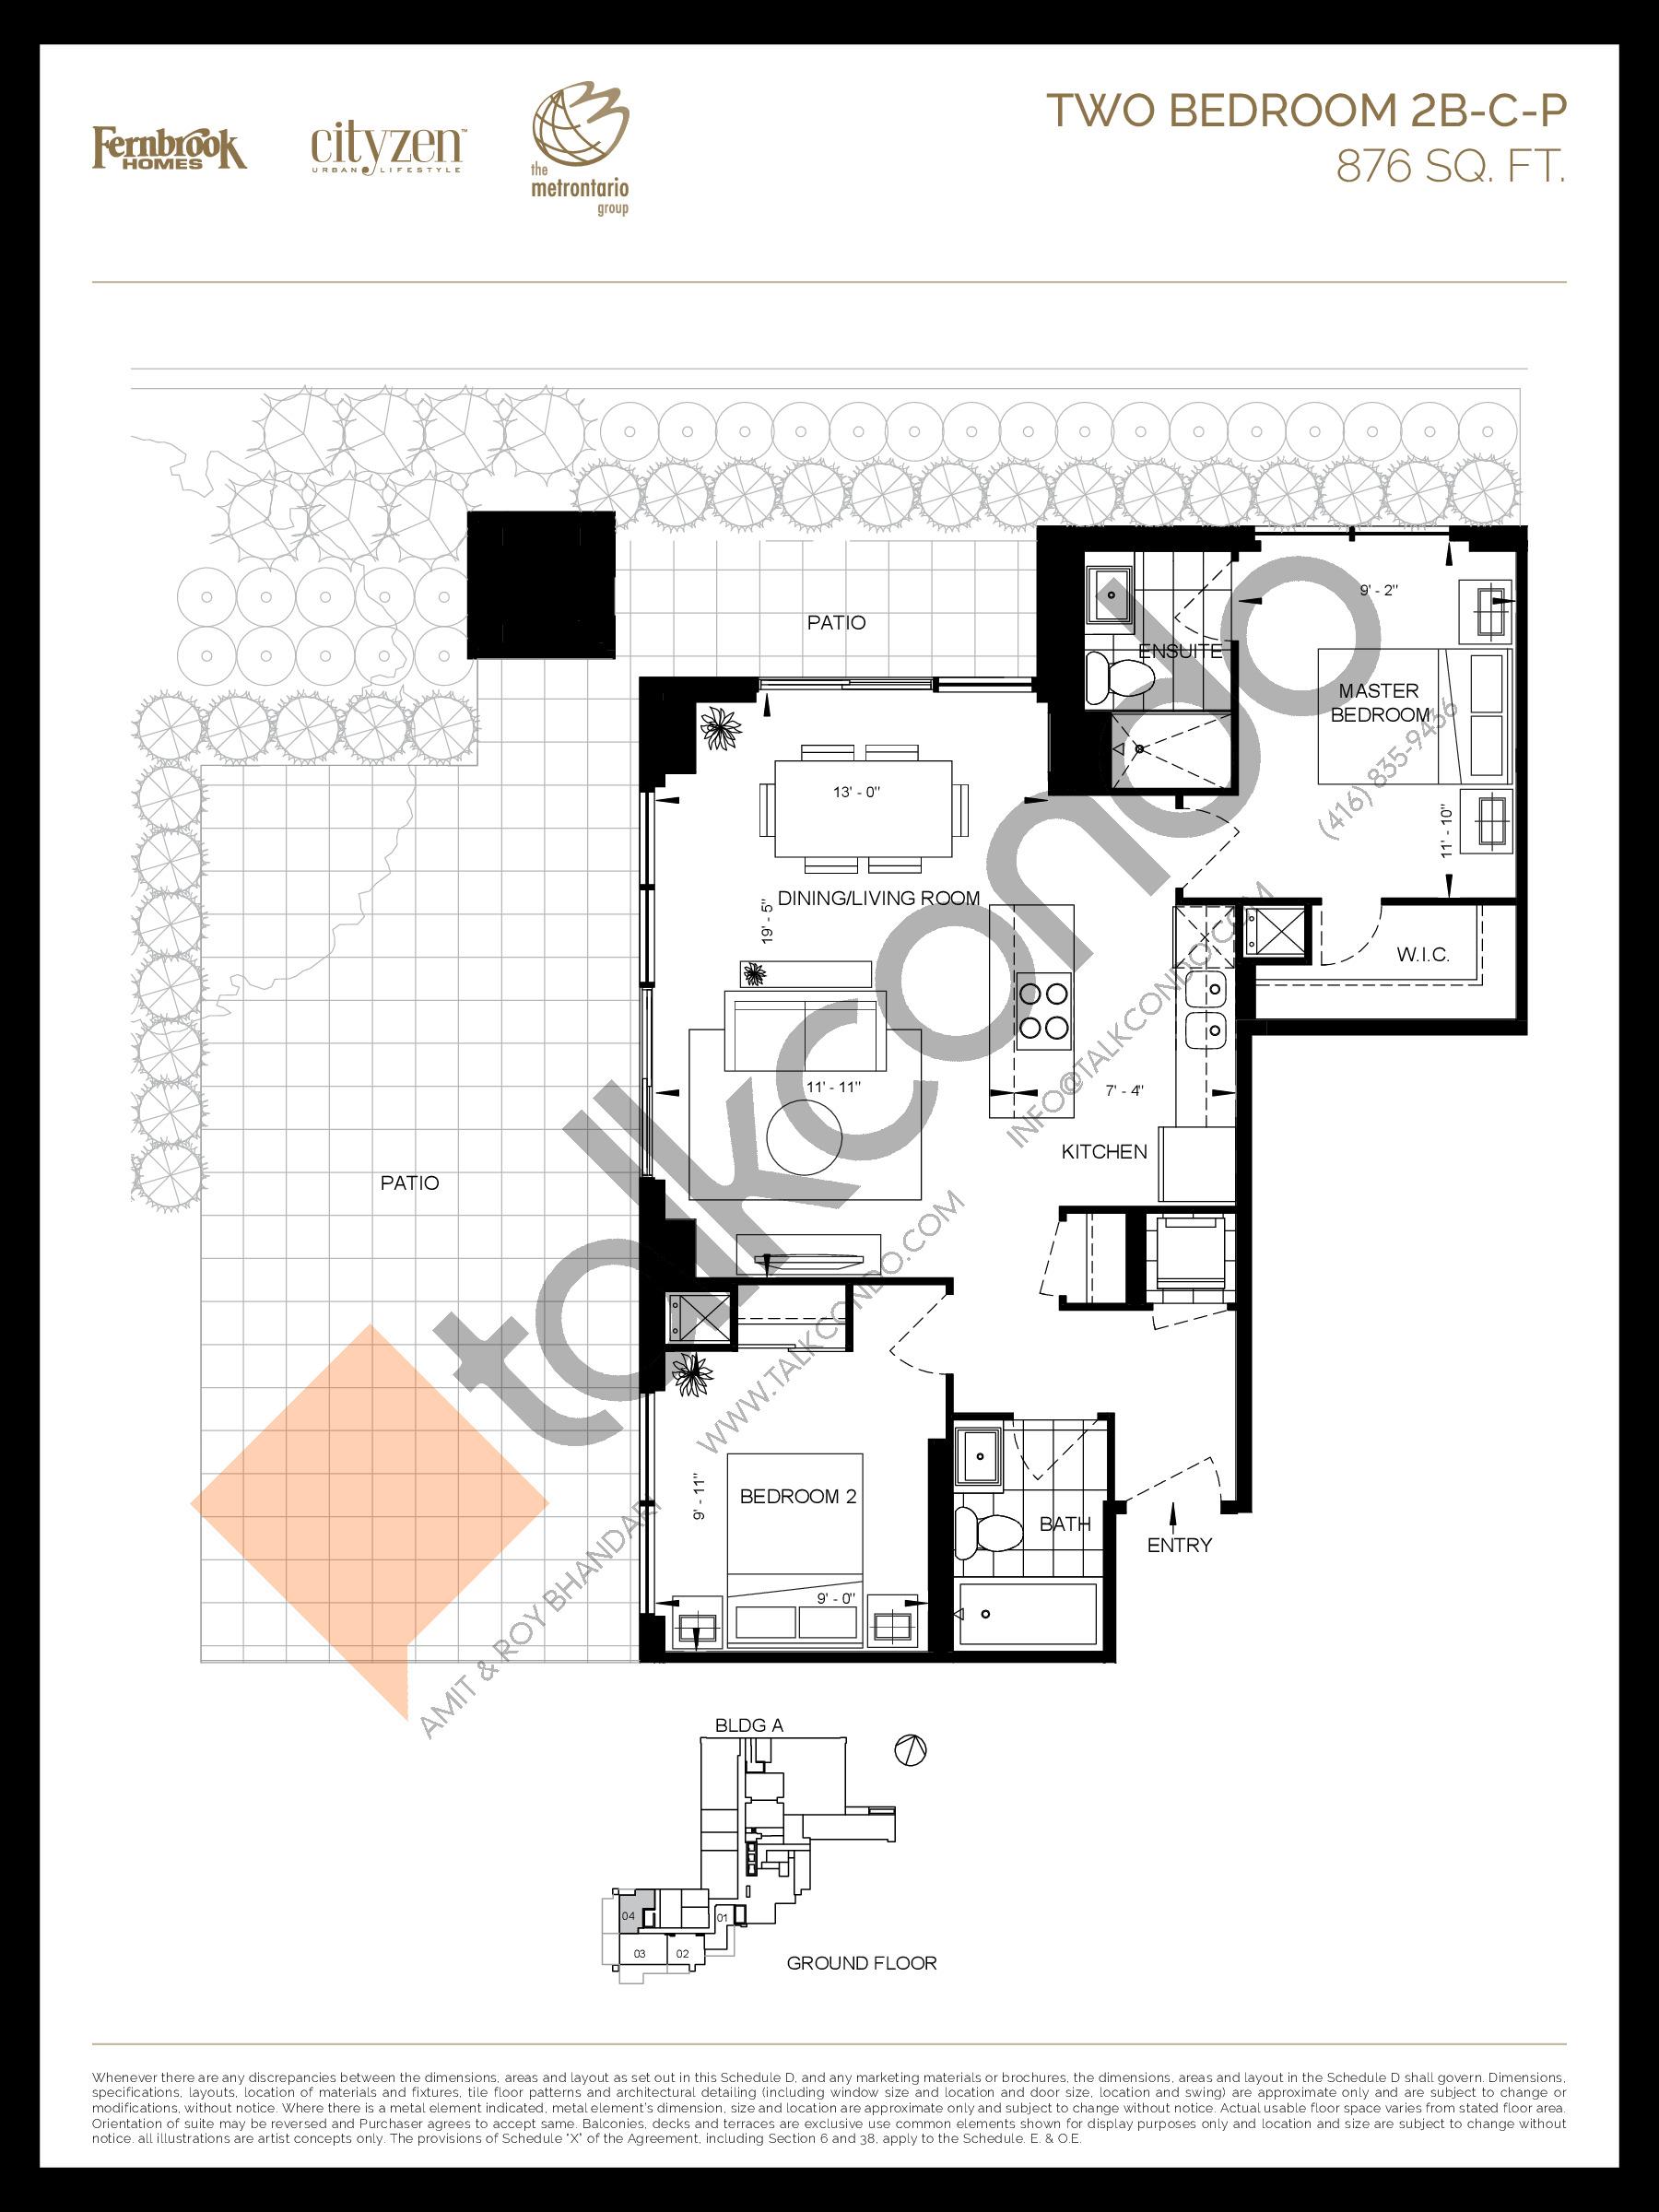 2B-C-P Floor Plan at D'or Condos - 876 sq.ft